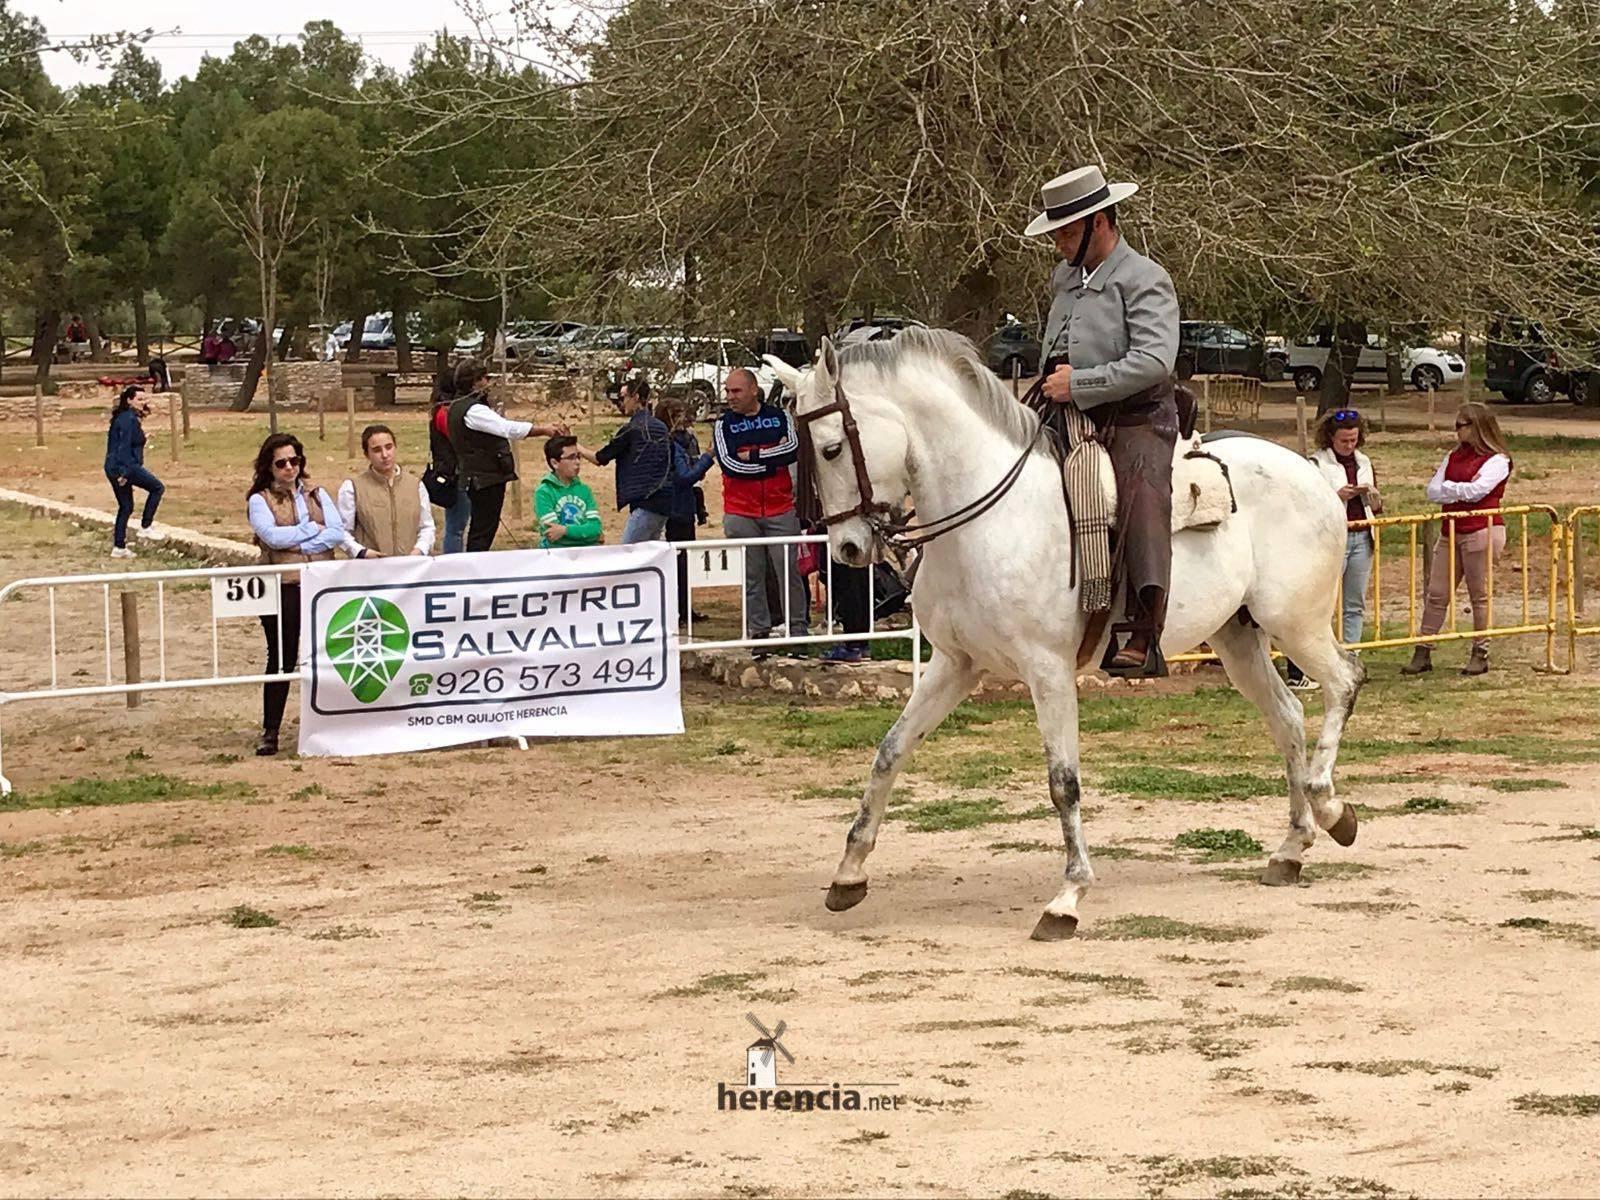 liga social equitacion 2018 herencia ciudad real 5 1